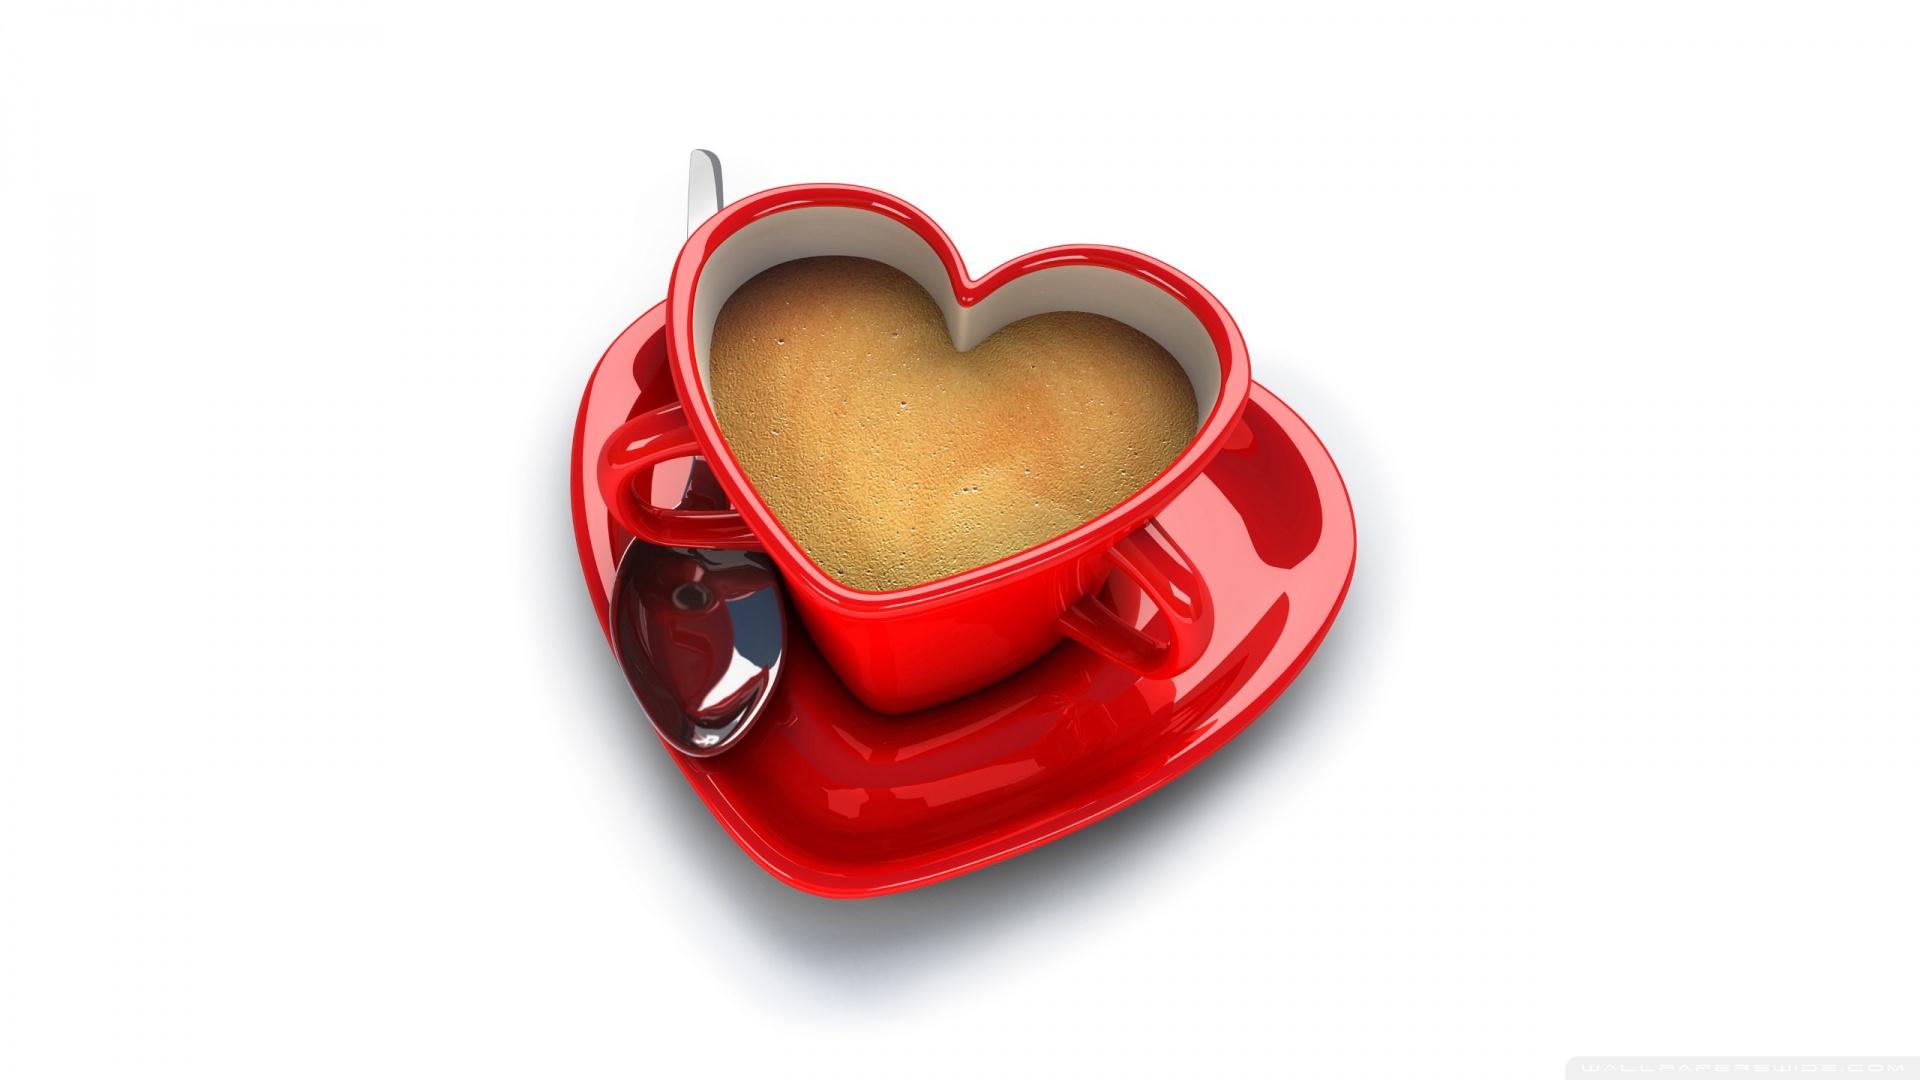 чашка кофе в форме сердечка, скачать фото, обои для рабочего стола